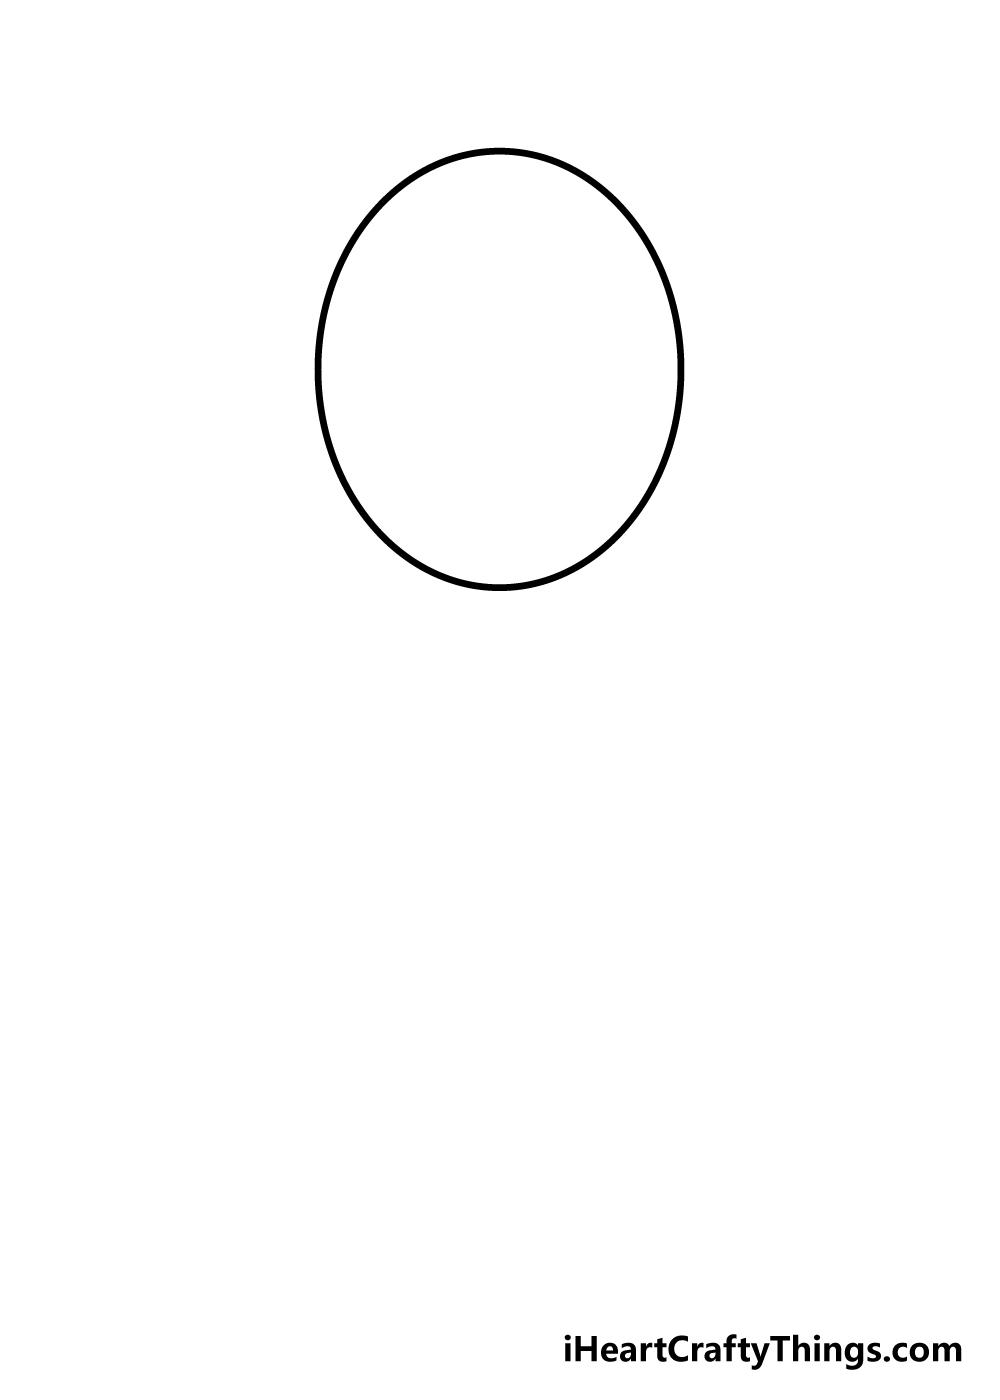 balloons drawing step 2